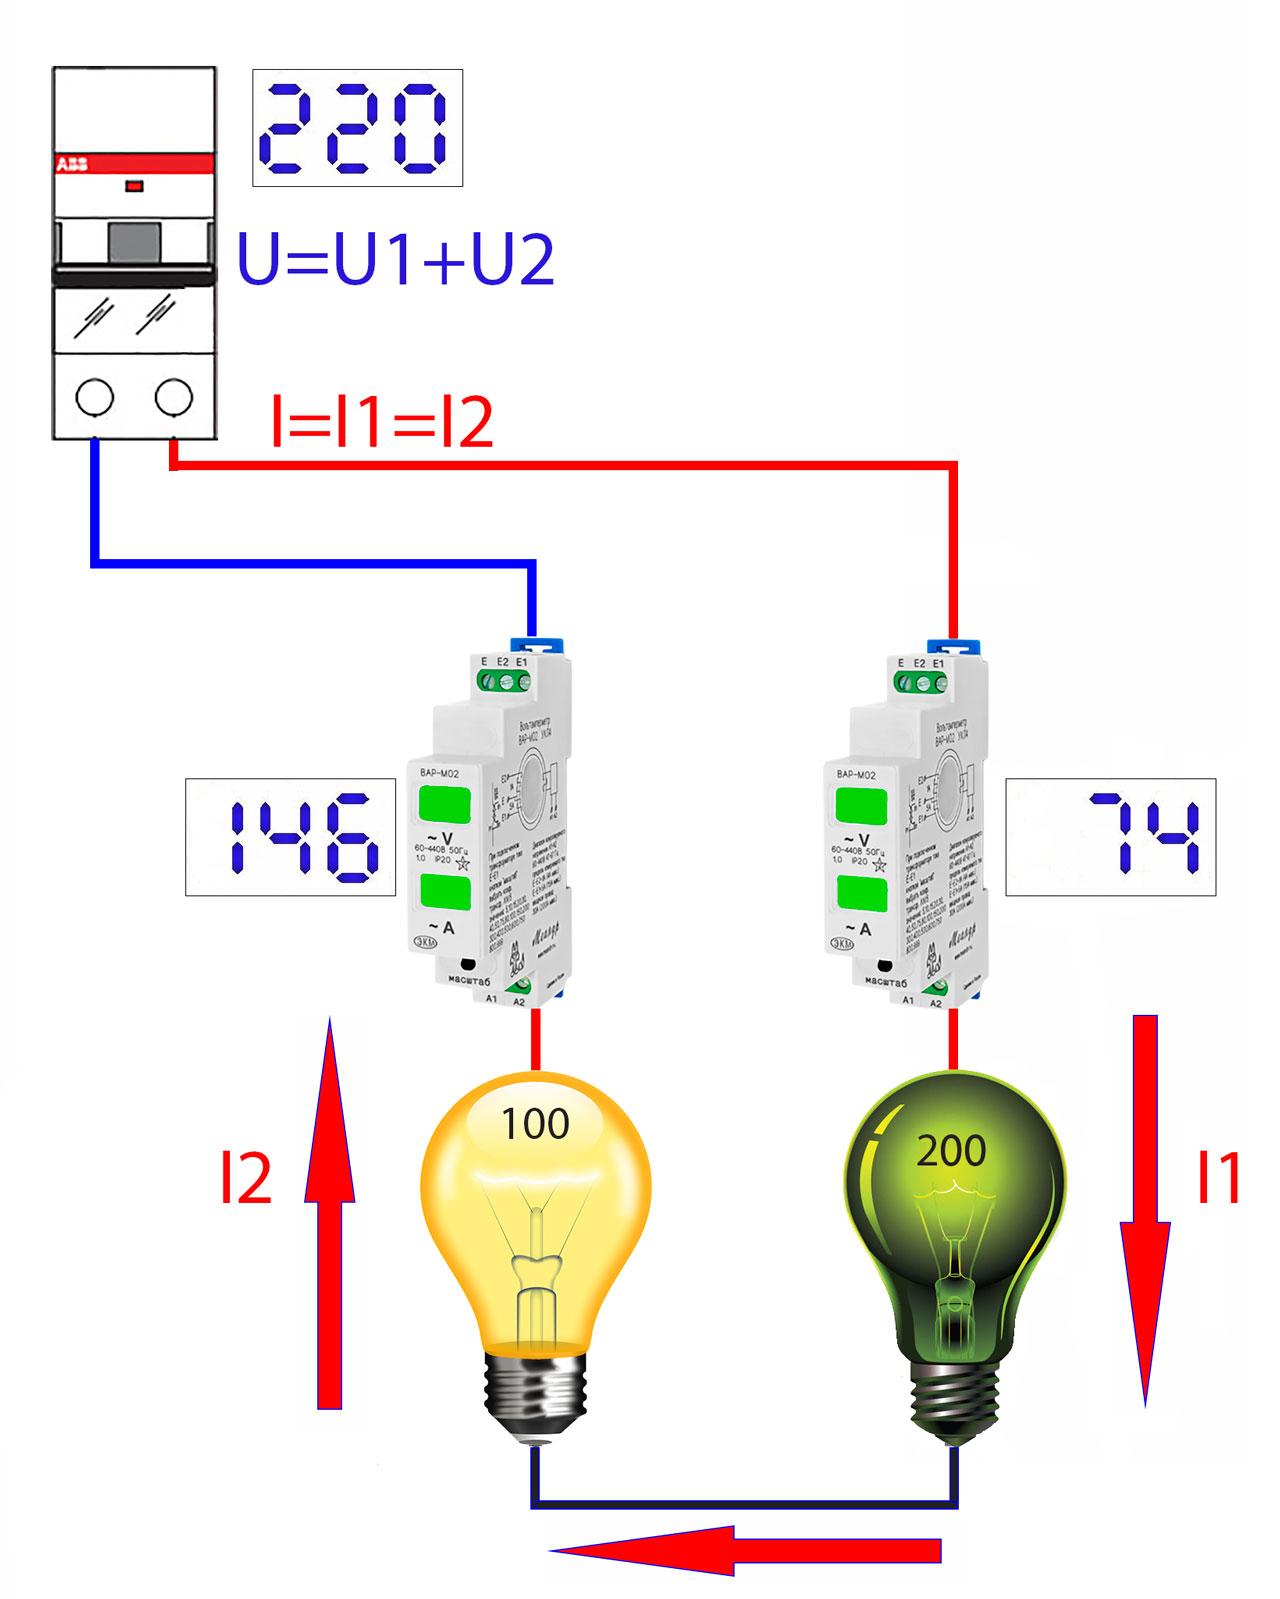 схема последовательного подключения электроприборов и потребителей с разной мощностью